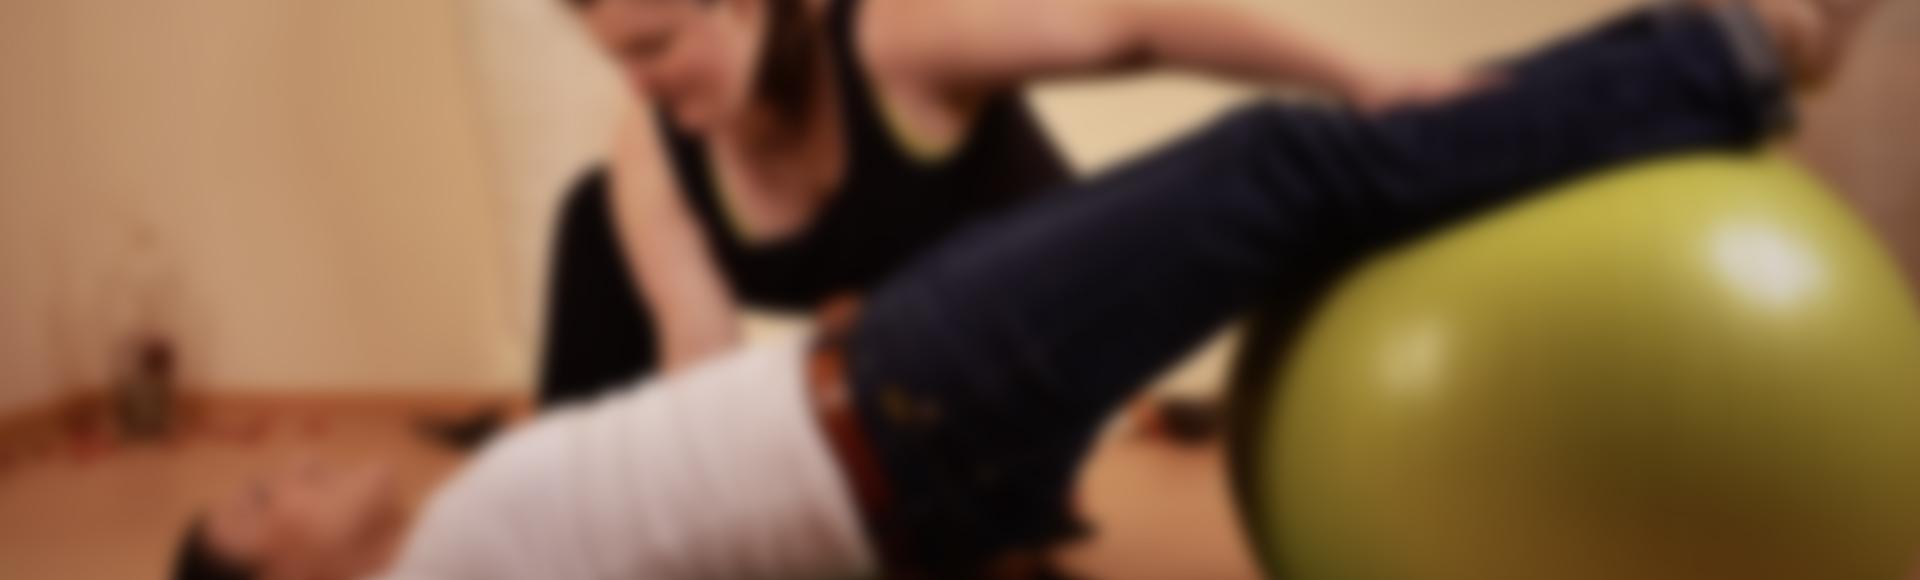 Gesunde Bewegung für Ihren Körper